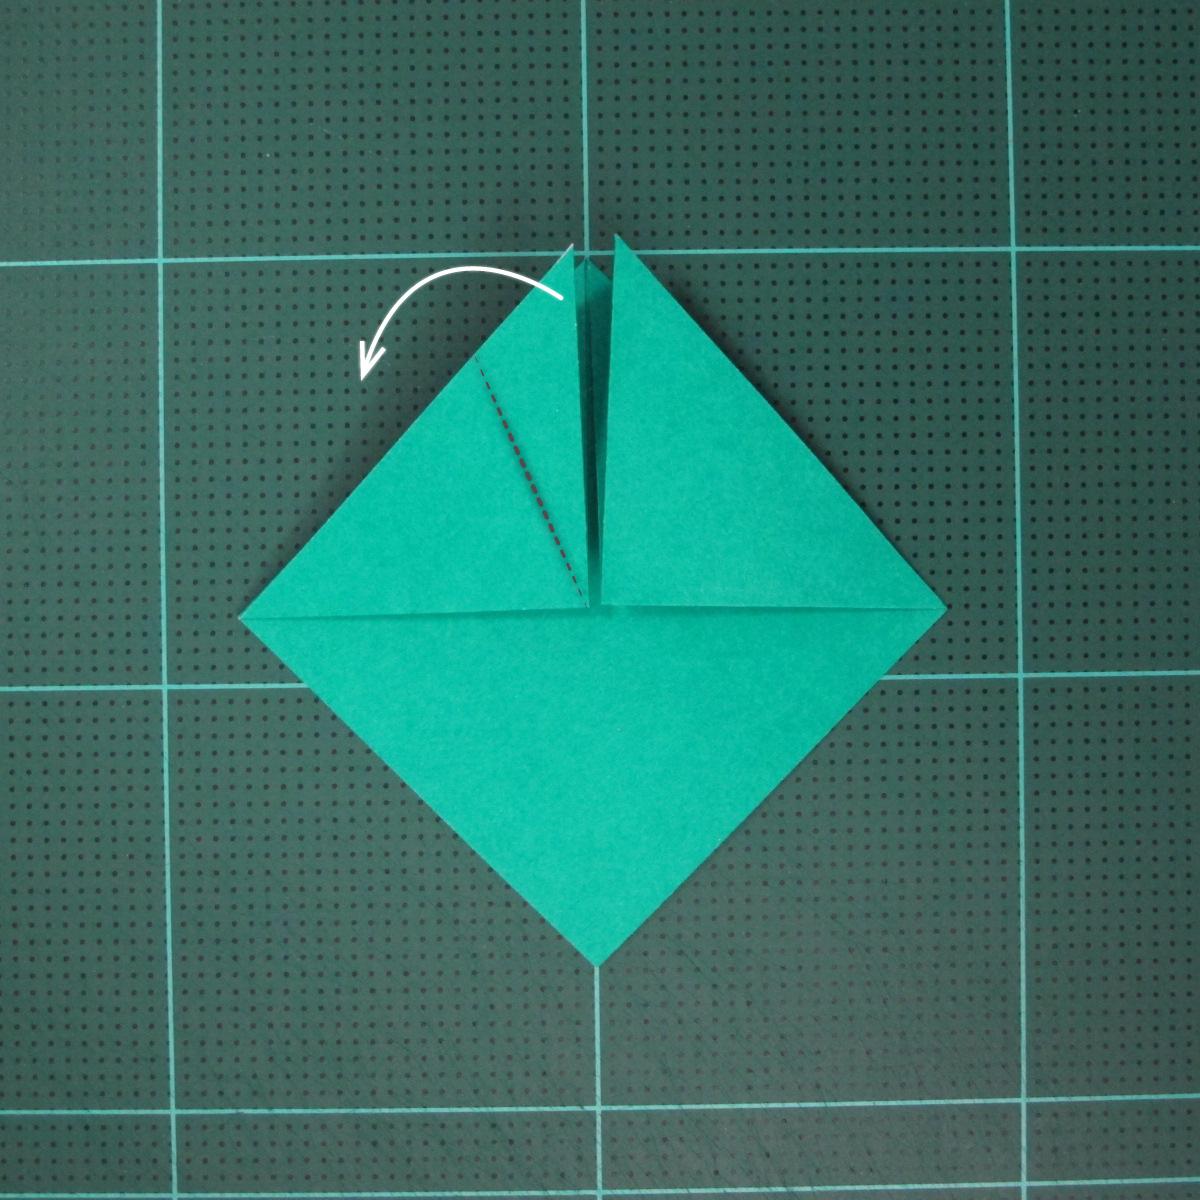 วิธีพับกระดาษเป็นรูปหมวกซามุไร (Origami Samurai Hat) 005